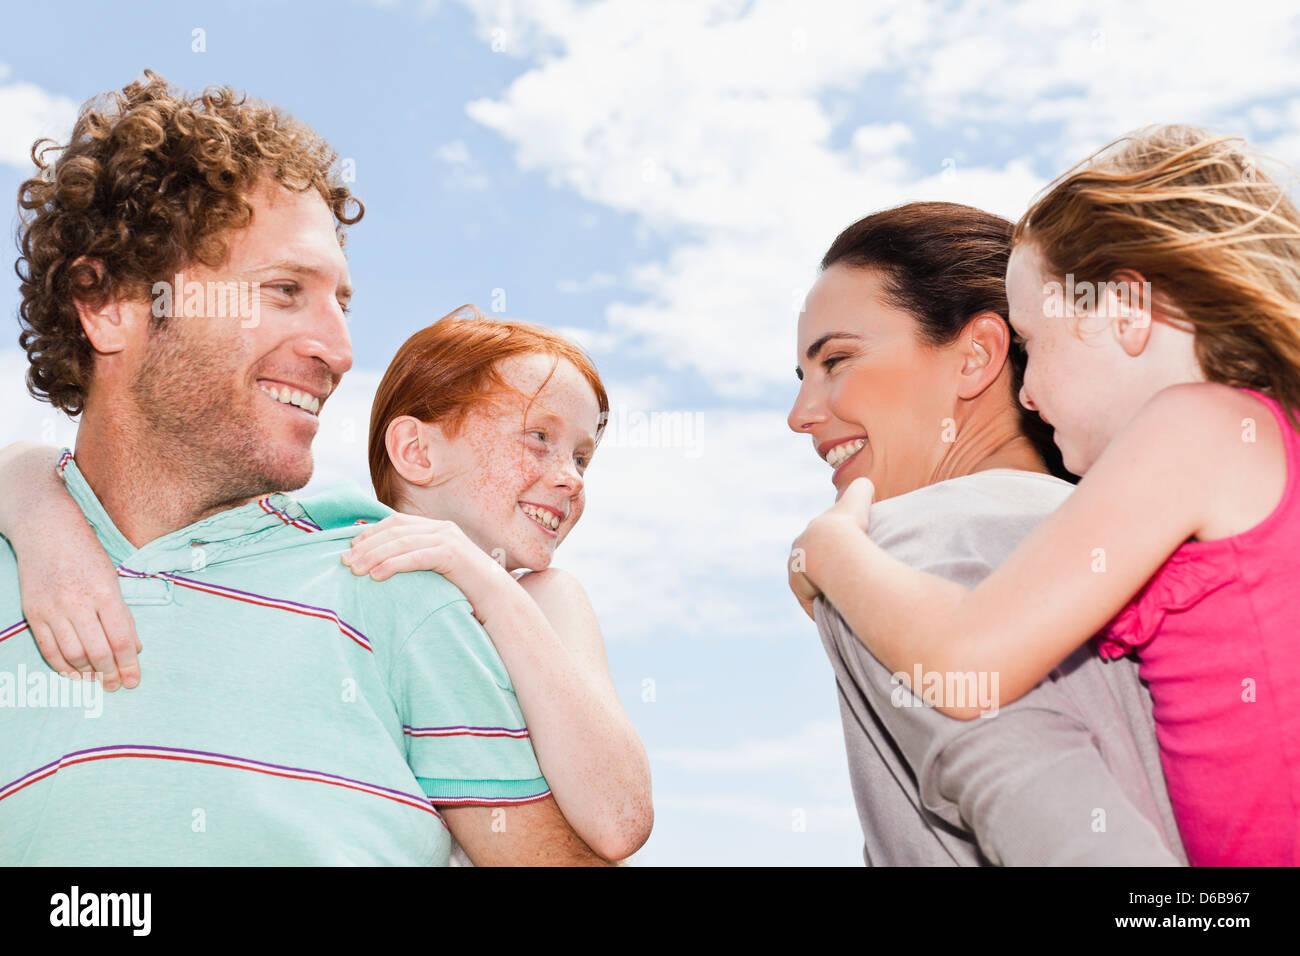 Parents carrying daughters piggyback - Stock Image